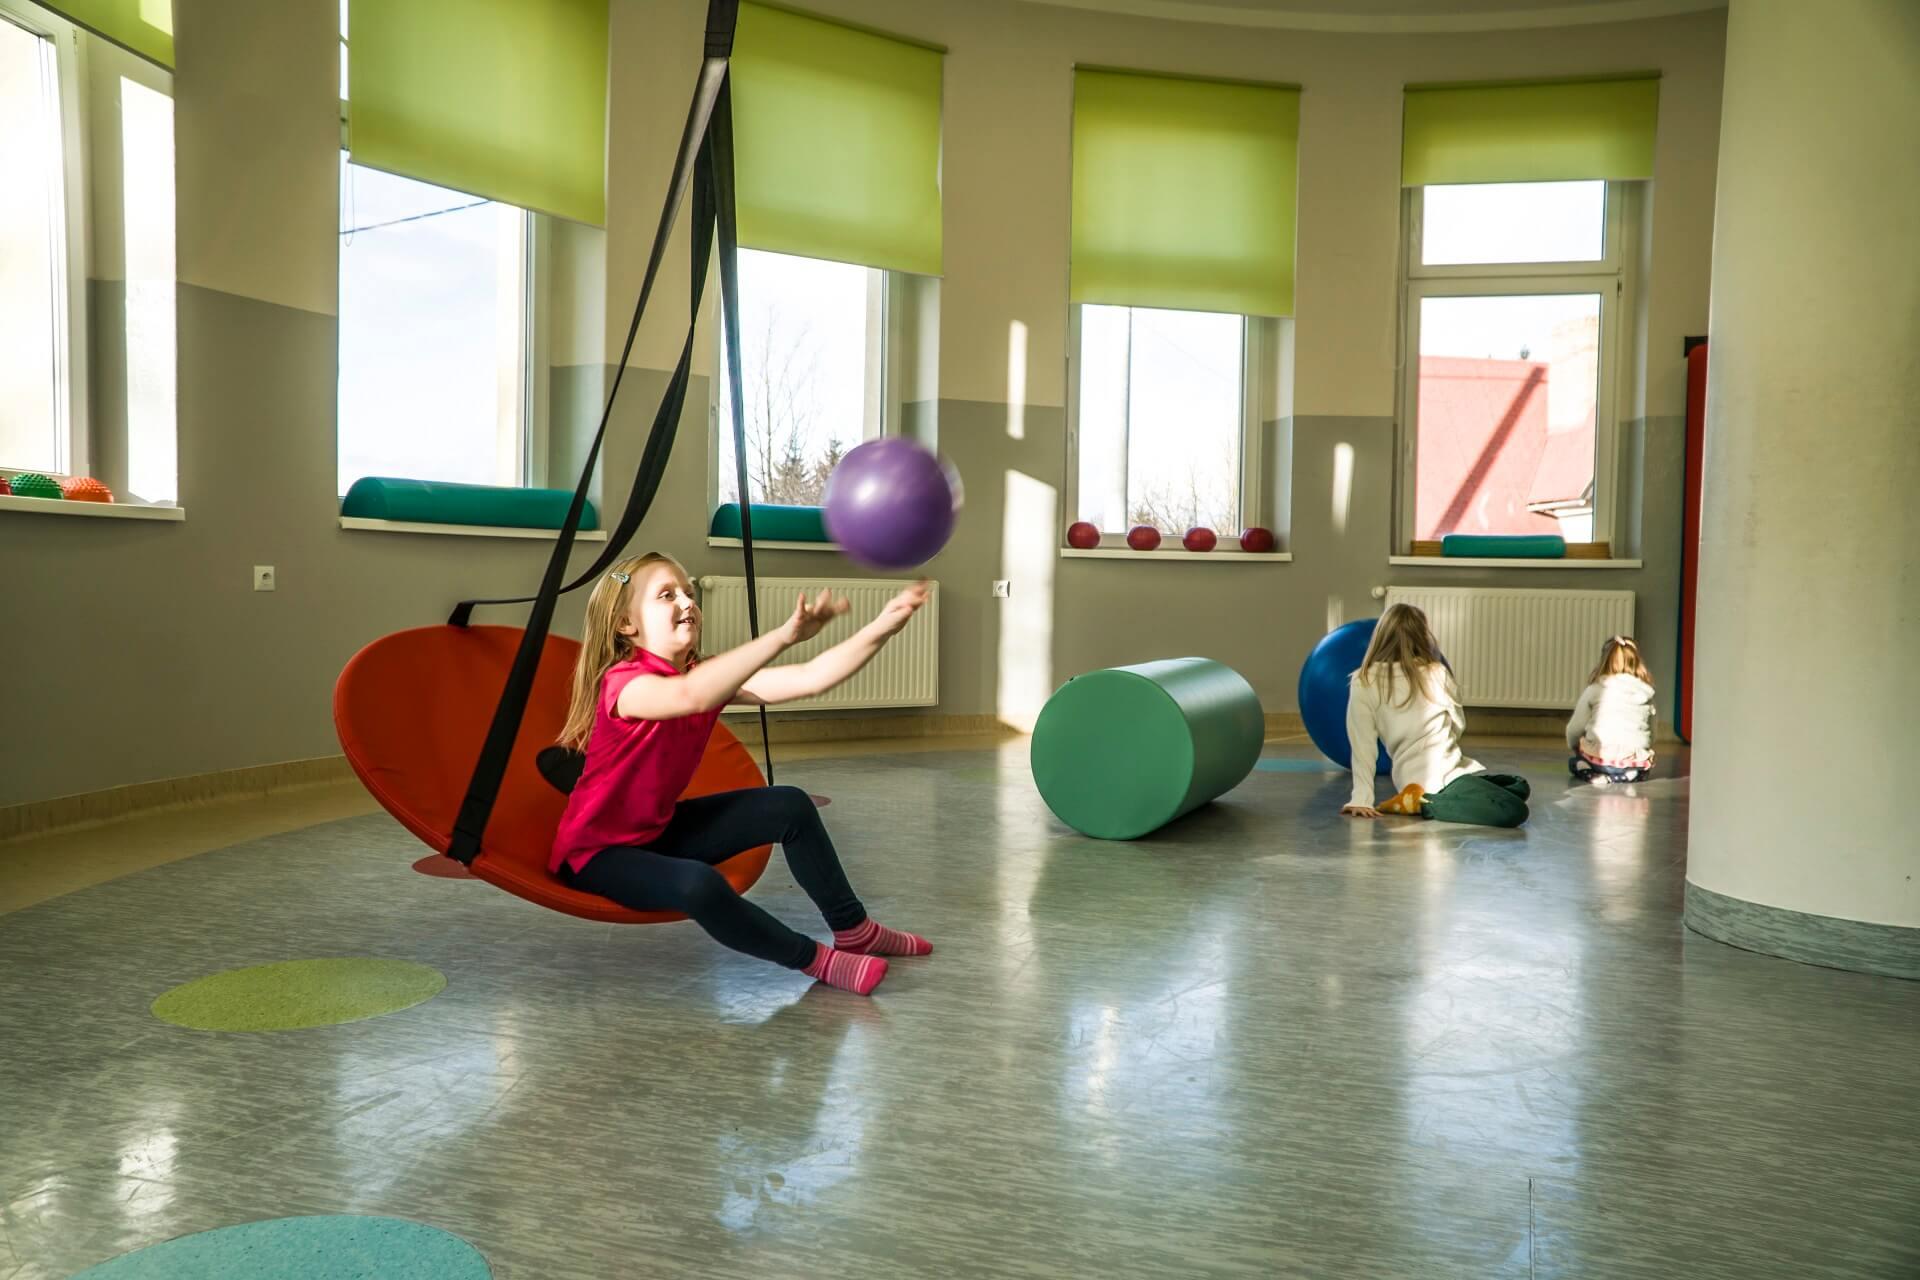 Szpital rehabilitacyjny hematologiczny dla dzieci w Kudowie-Zdroju